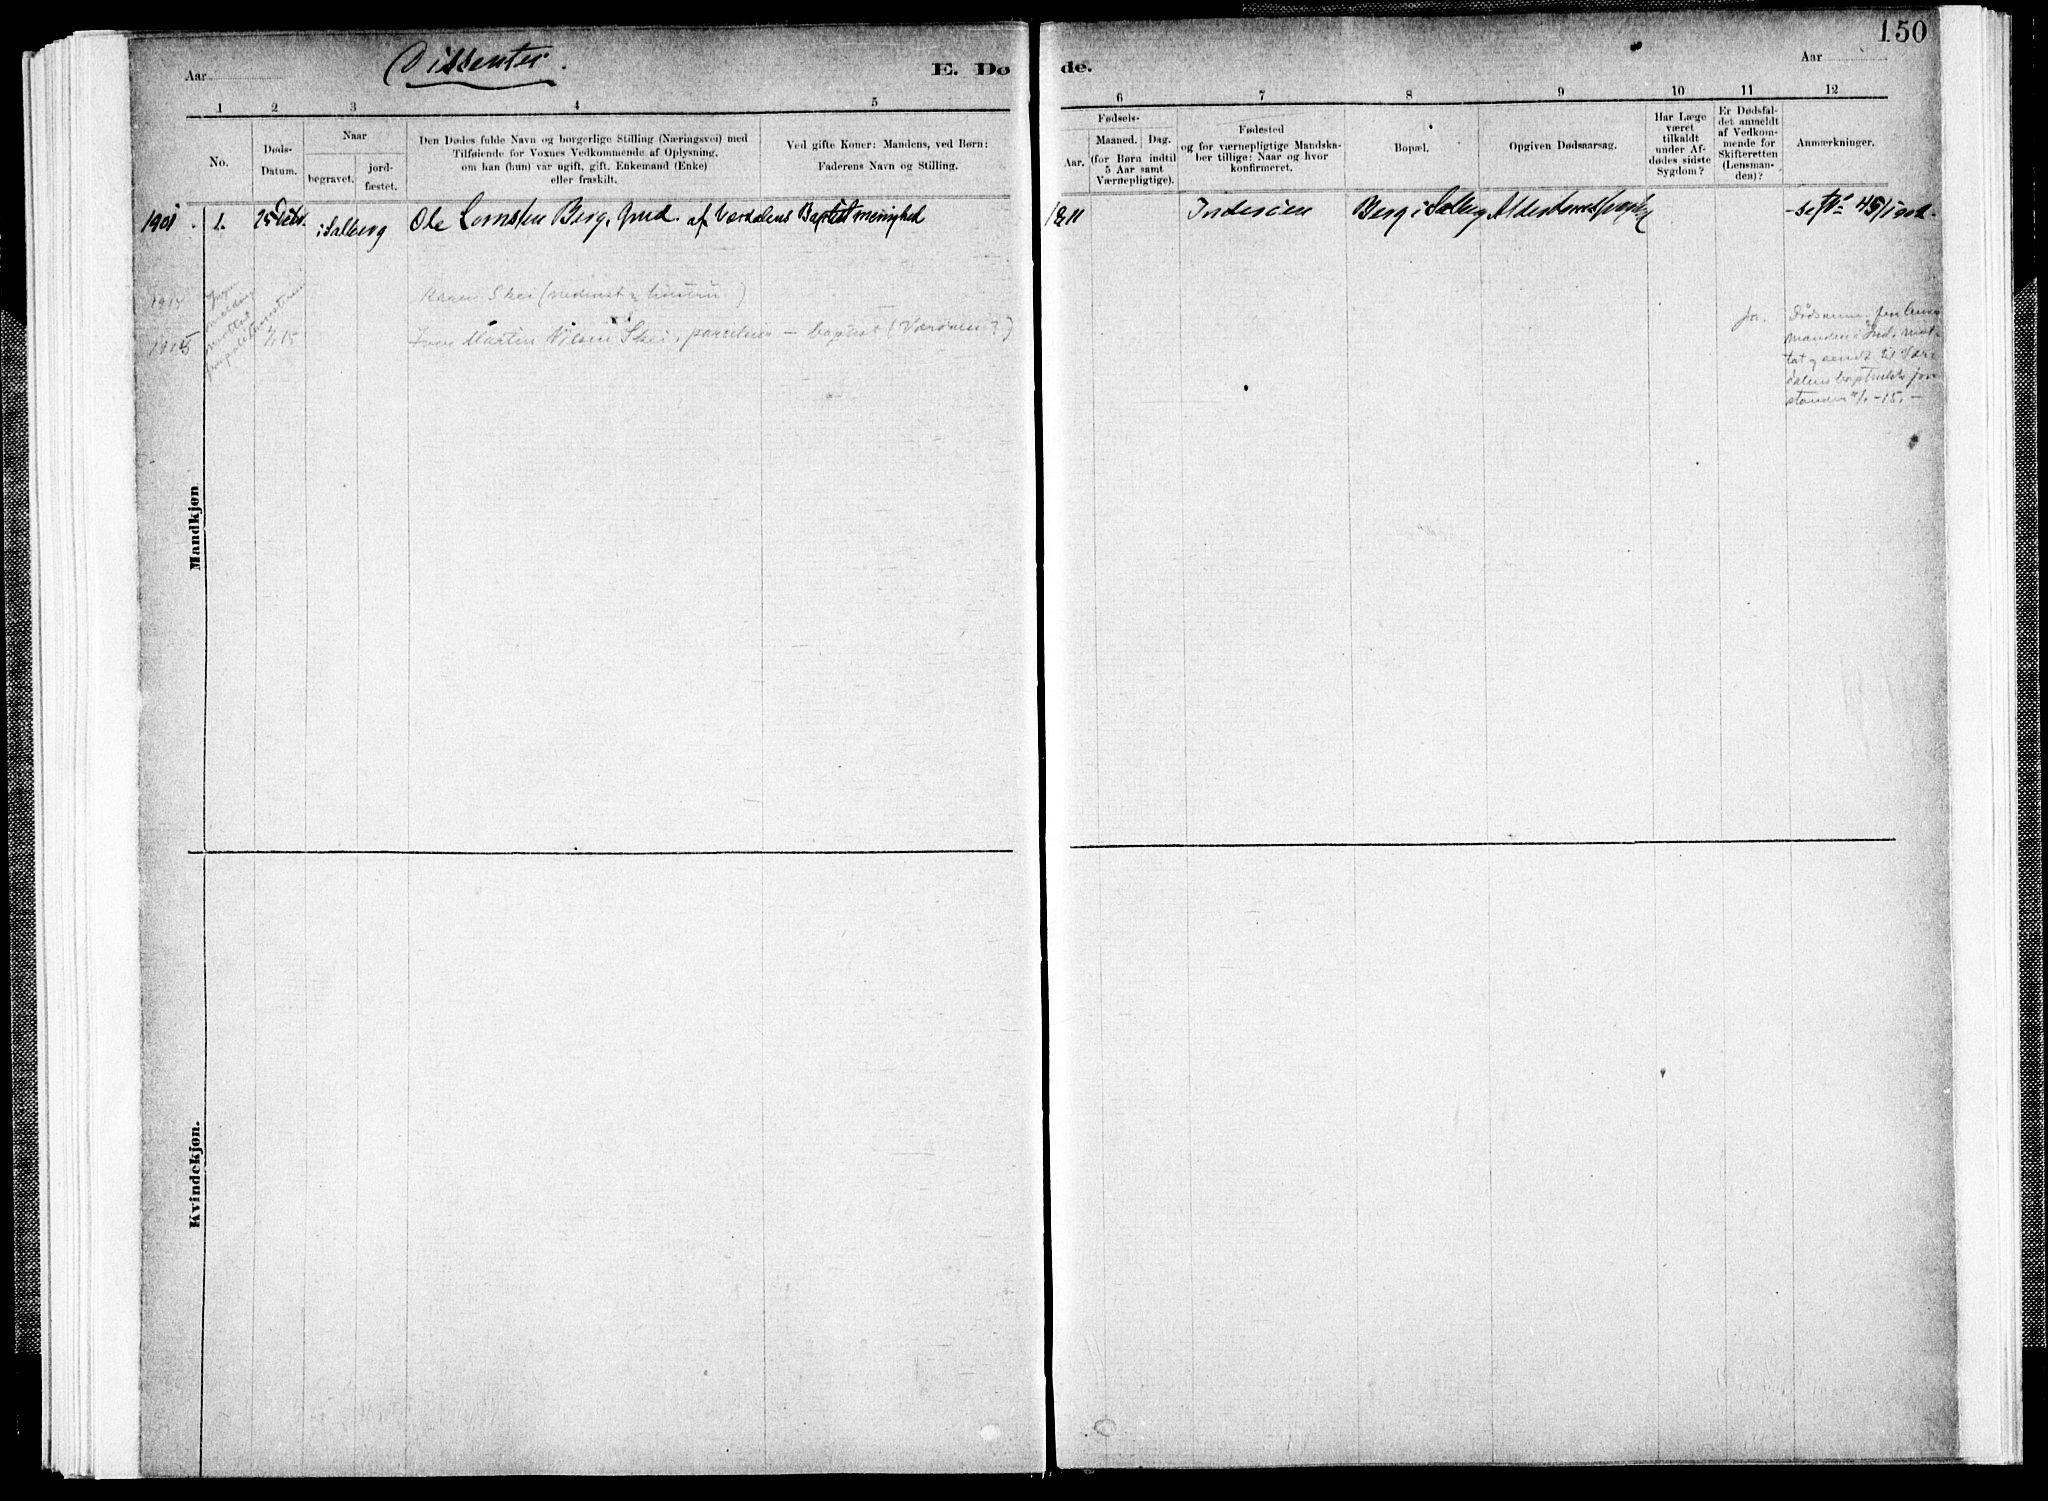 SAT, Ministerialprotokoller, klokkerbøker og fødselsregistre - Nord-Trøndelag, 731/L0309: Ministerialbok nr. 731A01, 1879-1918, s. 150